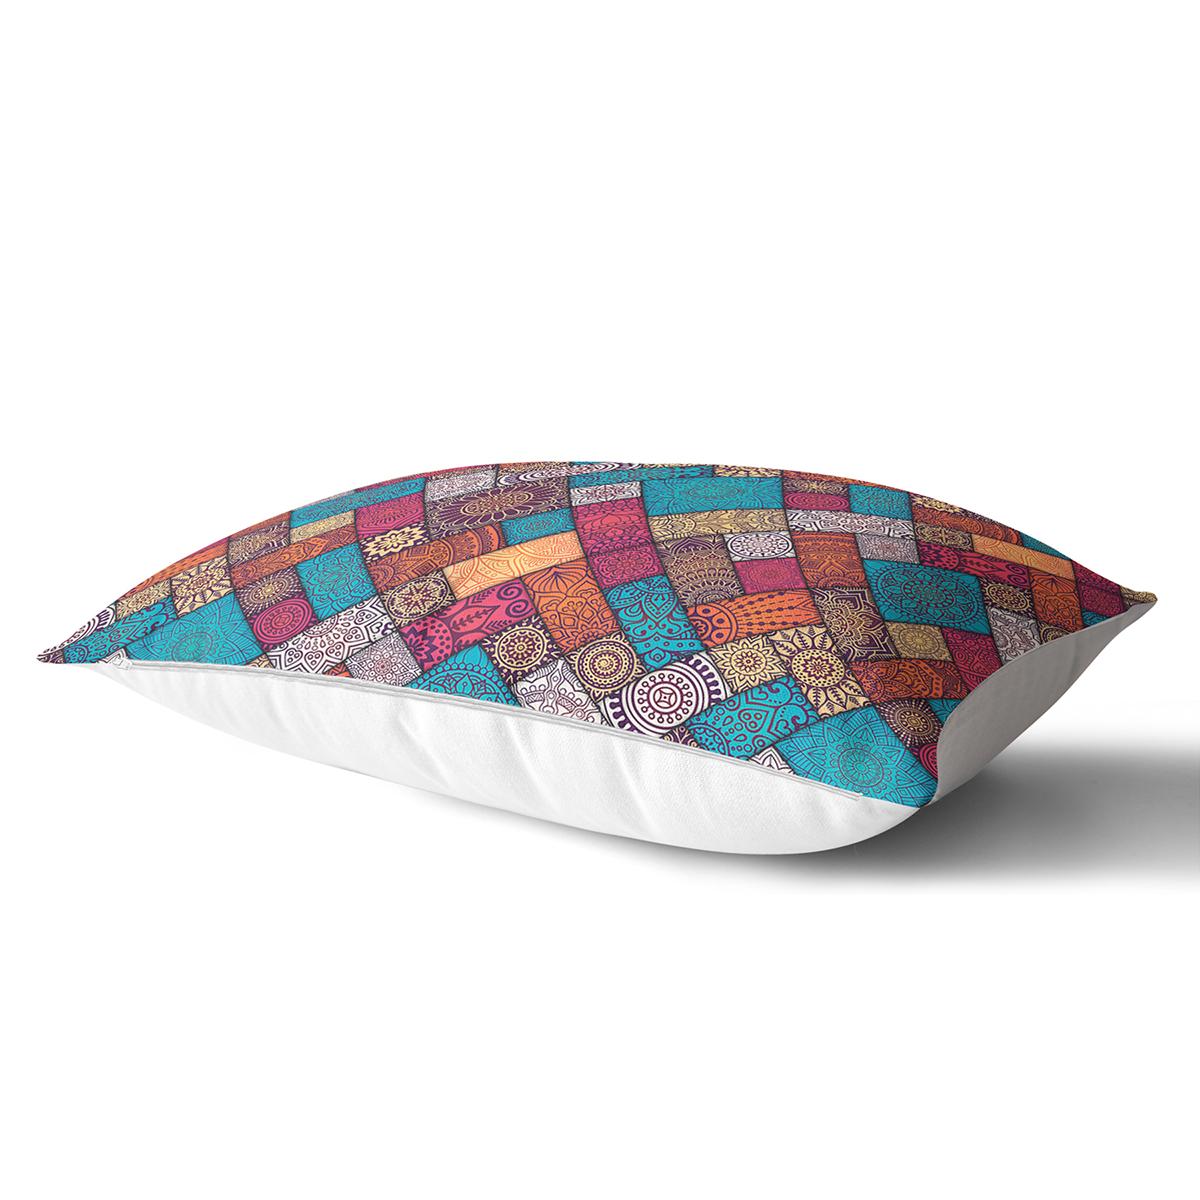 Geometrik Etnik Desenli Özel Tasarım Dikdörtgen Yastık Kırlent Kılıfı Realhomes